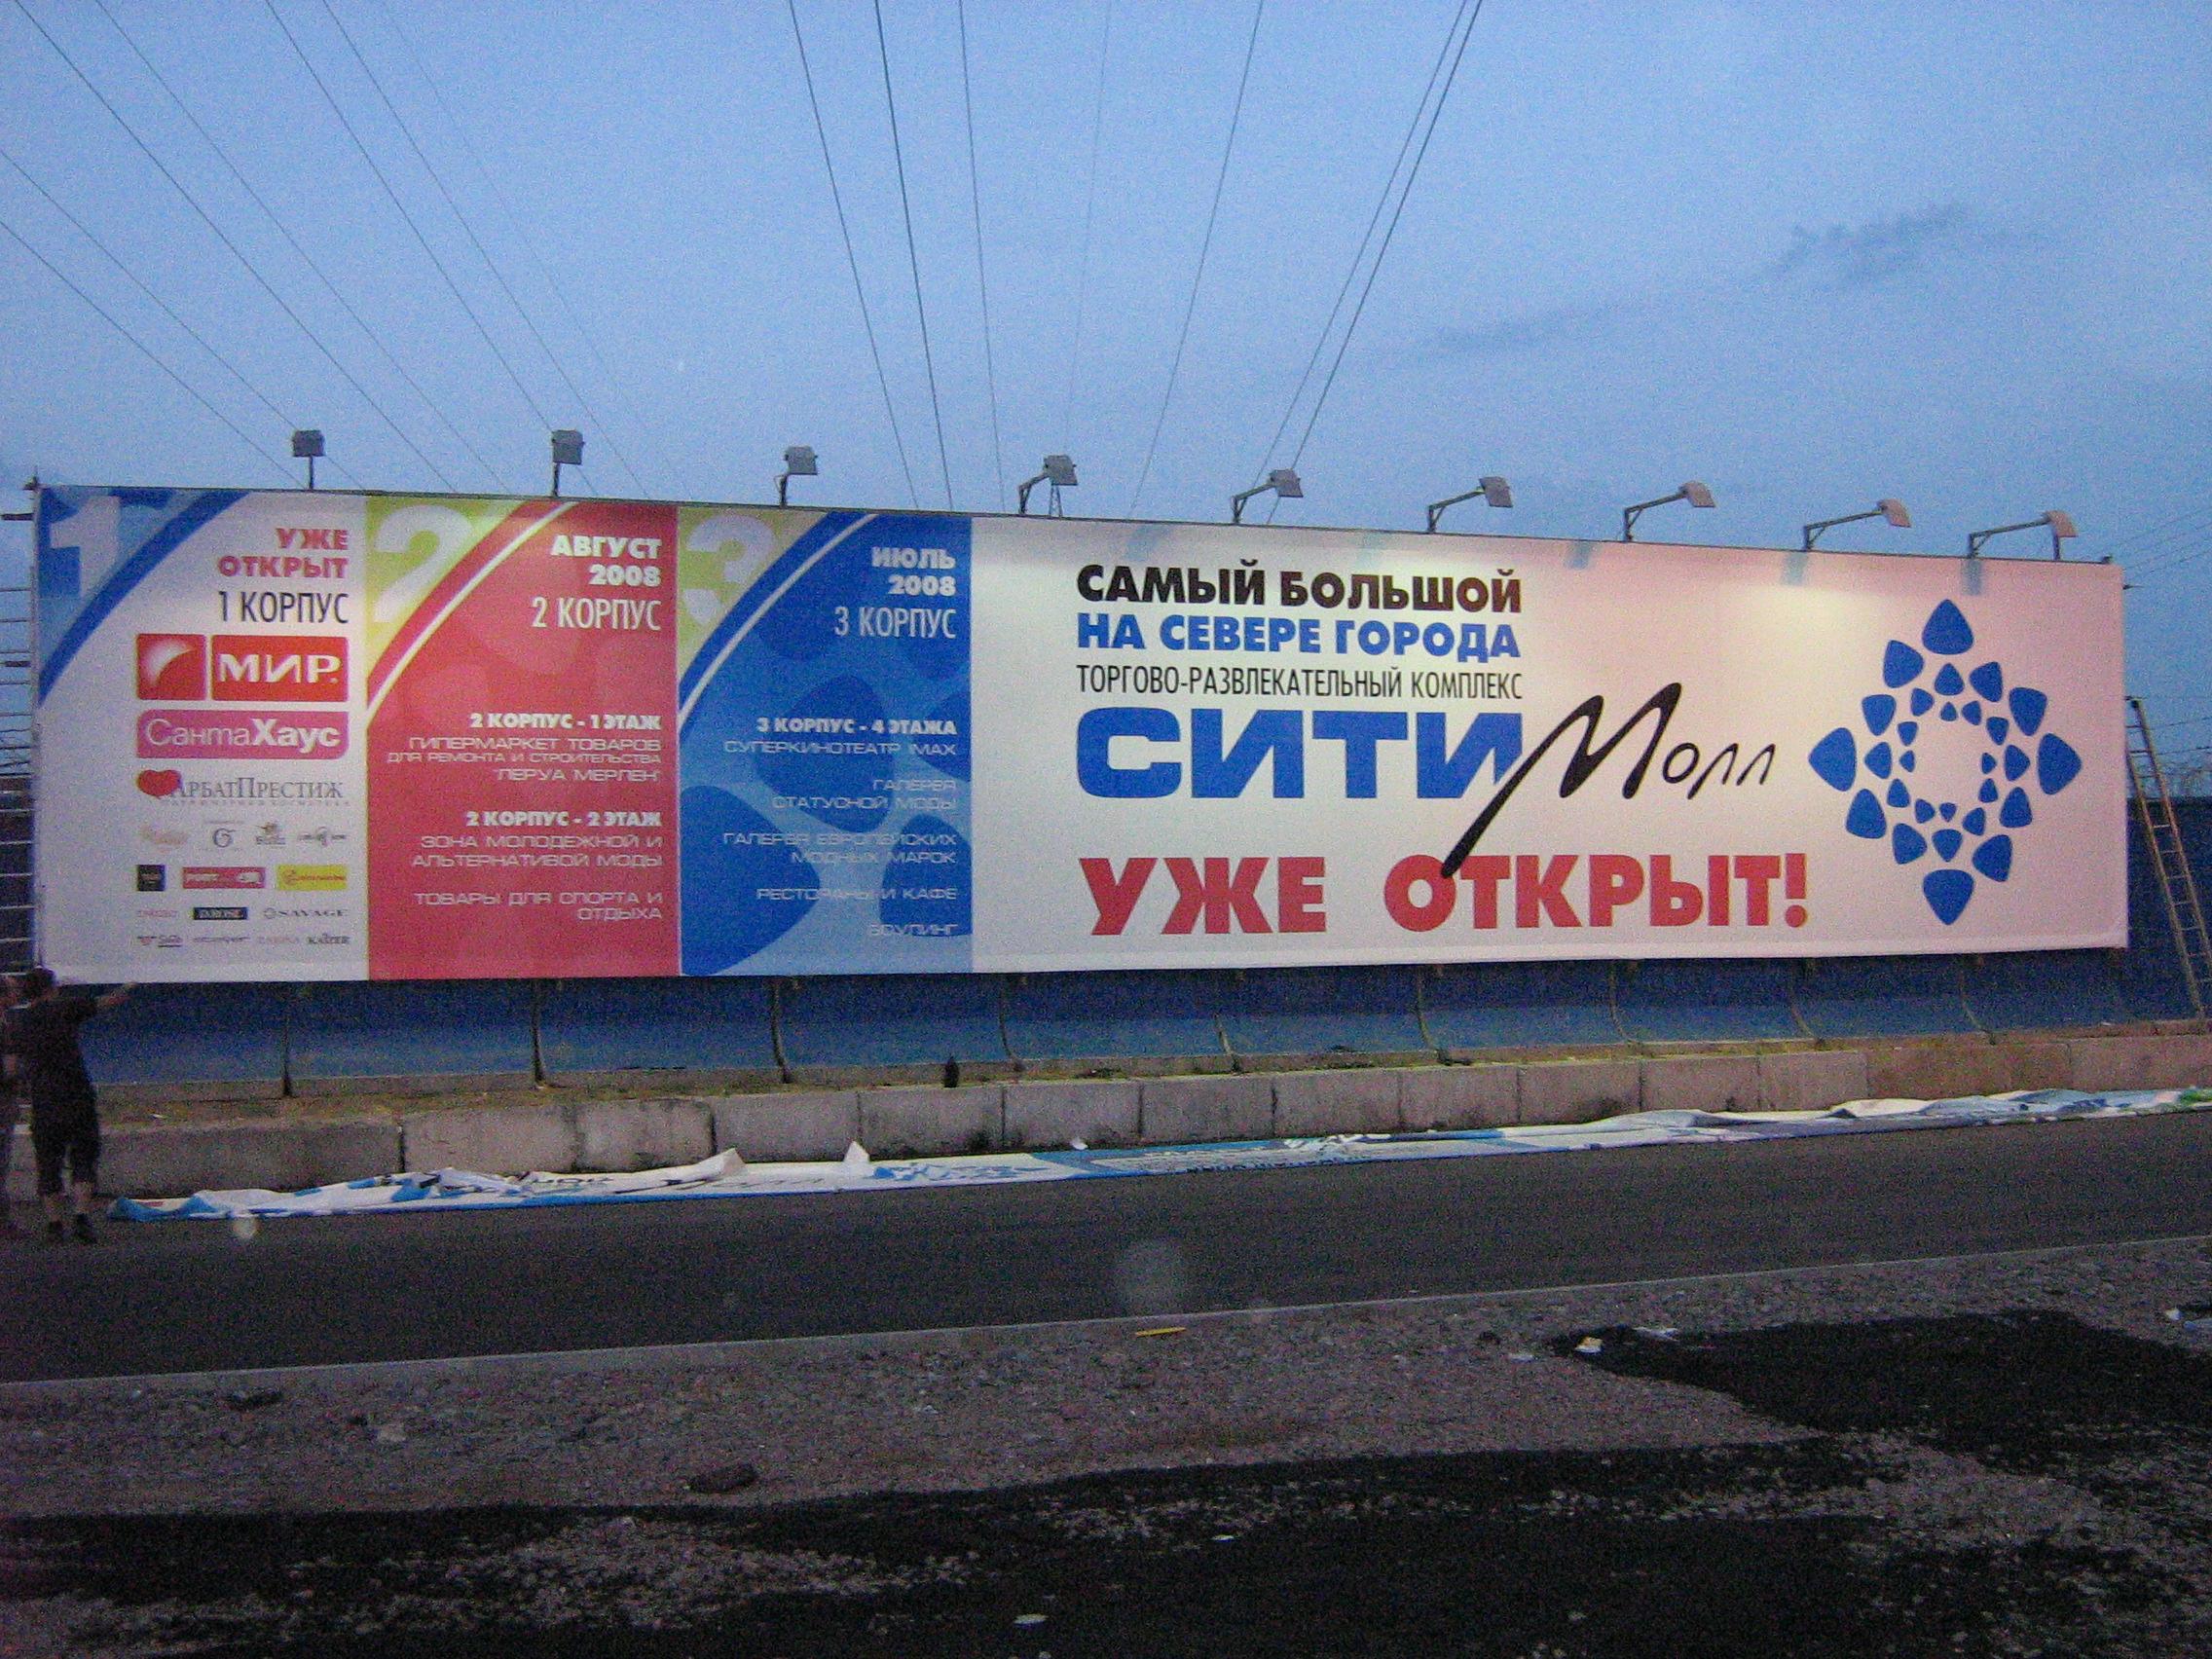 наземный рекламный баннер для ТРК 'Сити Молл'